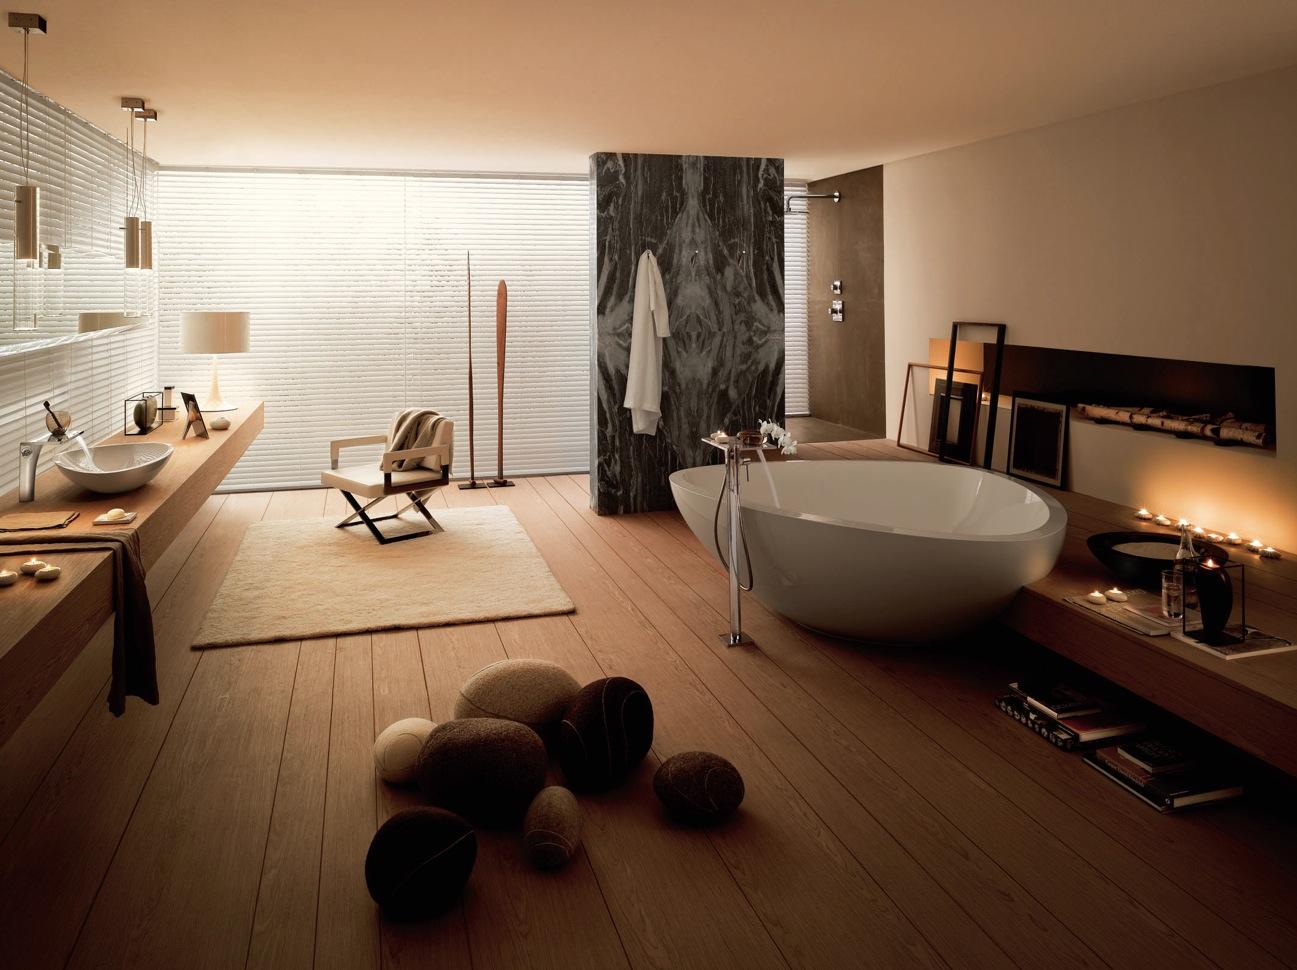 18 exquisite wooden bathroom design ideas